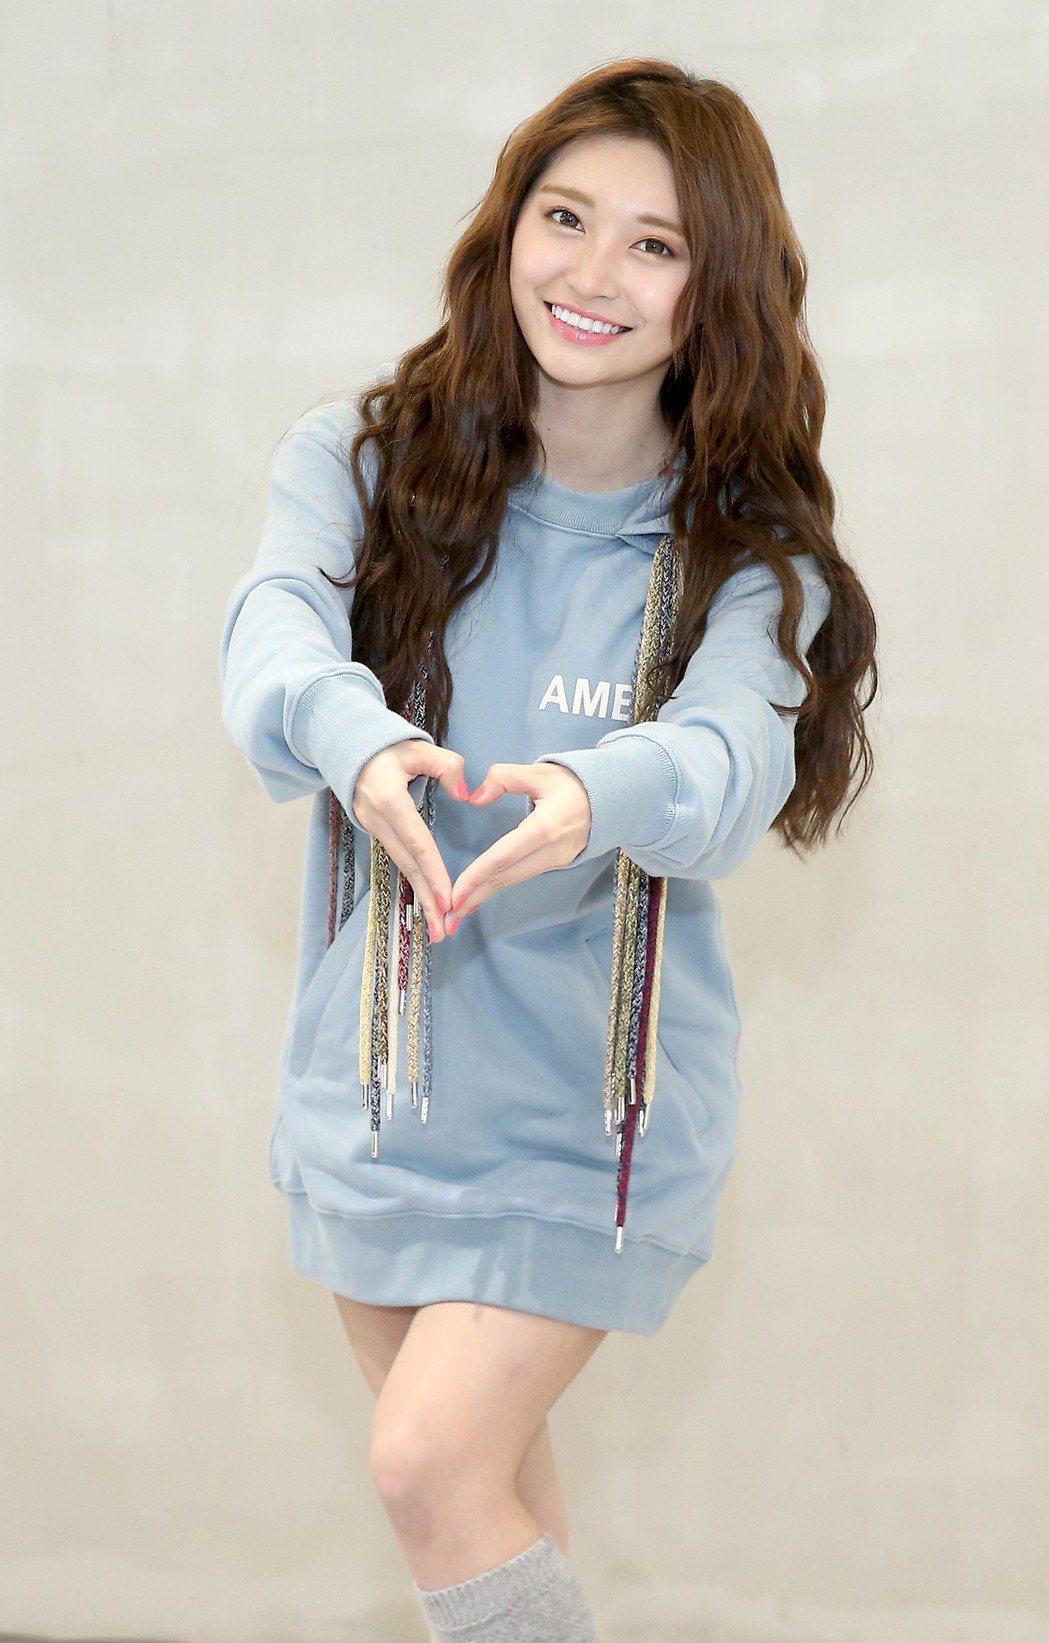 祈錦鈅發表新歌《比心小幸福》。記者余承翰/攝影